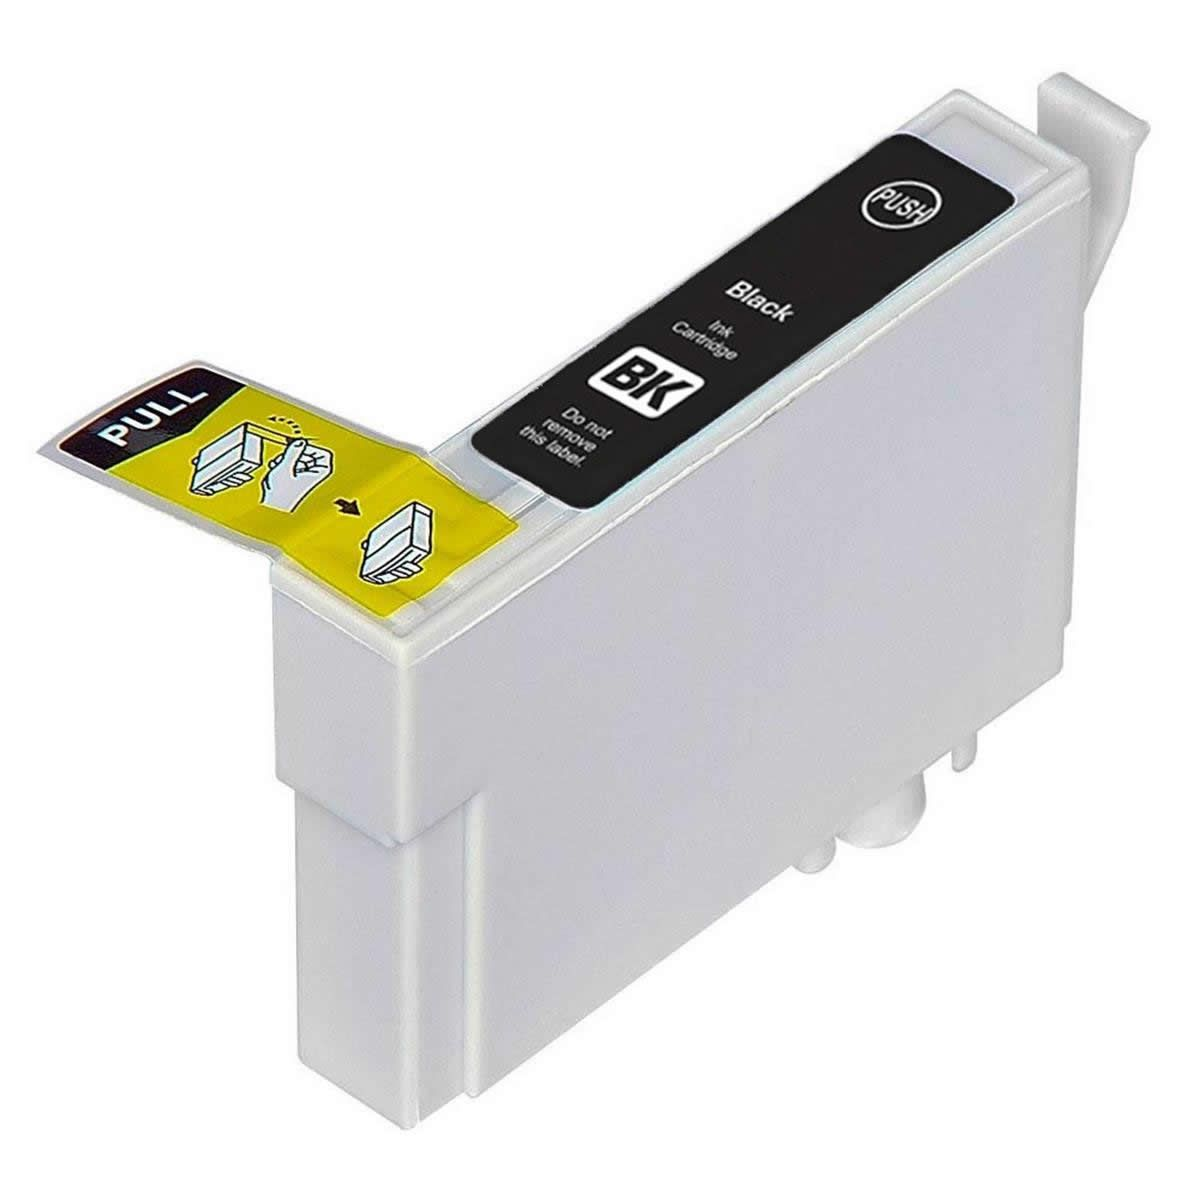 Cartucho MJ Compatível T133 133 13ml para Tx235w Tx420w Tx430w Tx320f da EPSON